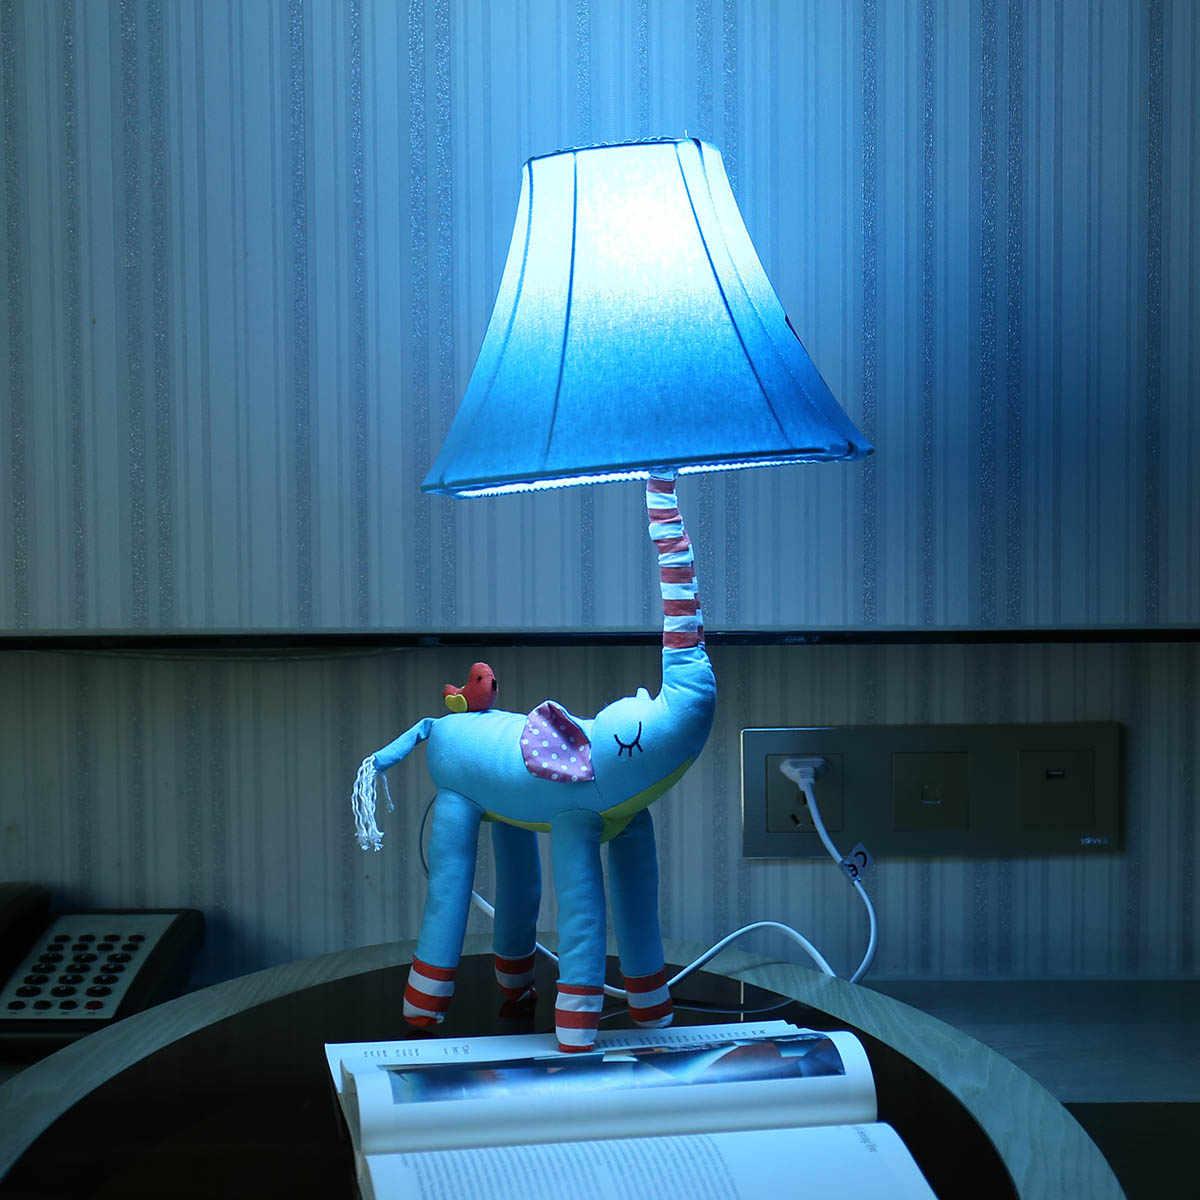 Elefante azul arte pano escultura morden decoração para casa sala de estar quarto crianças candeeiro mesa